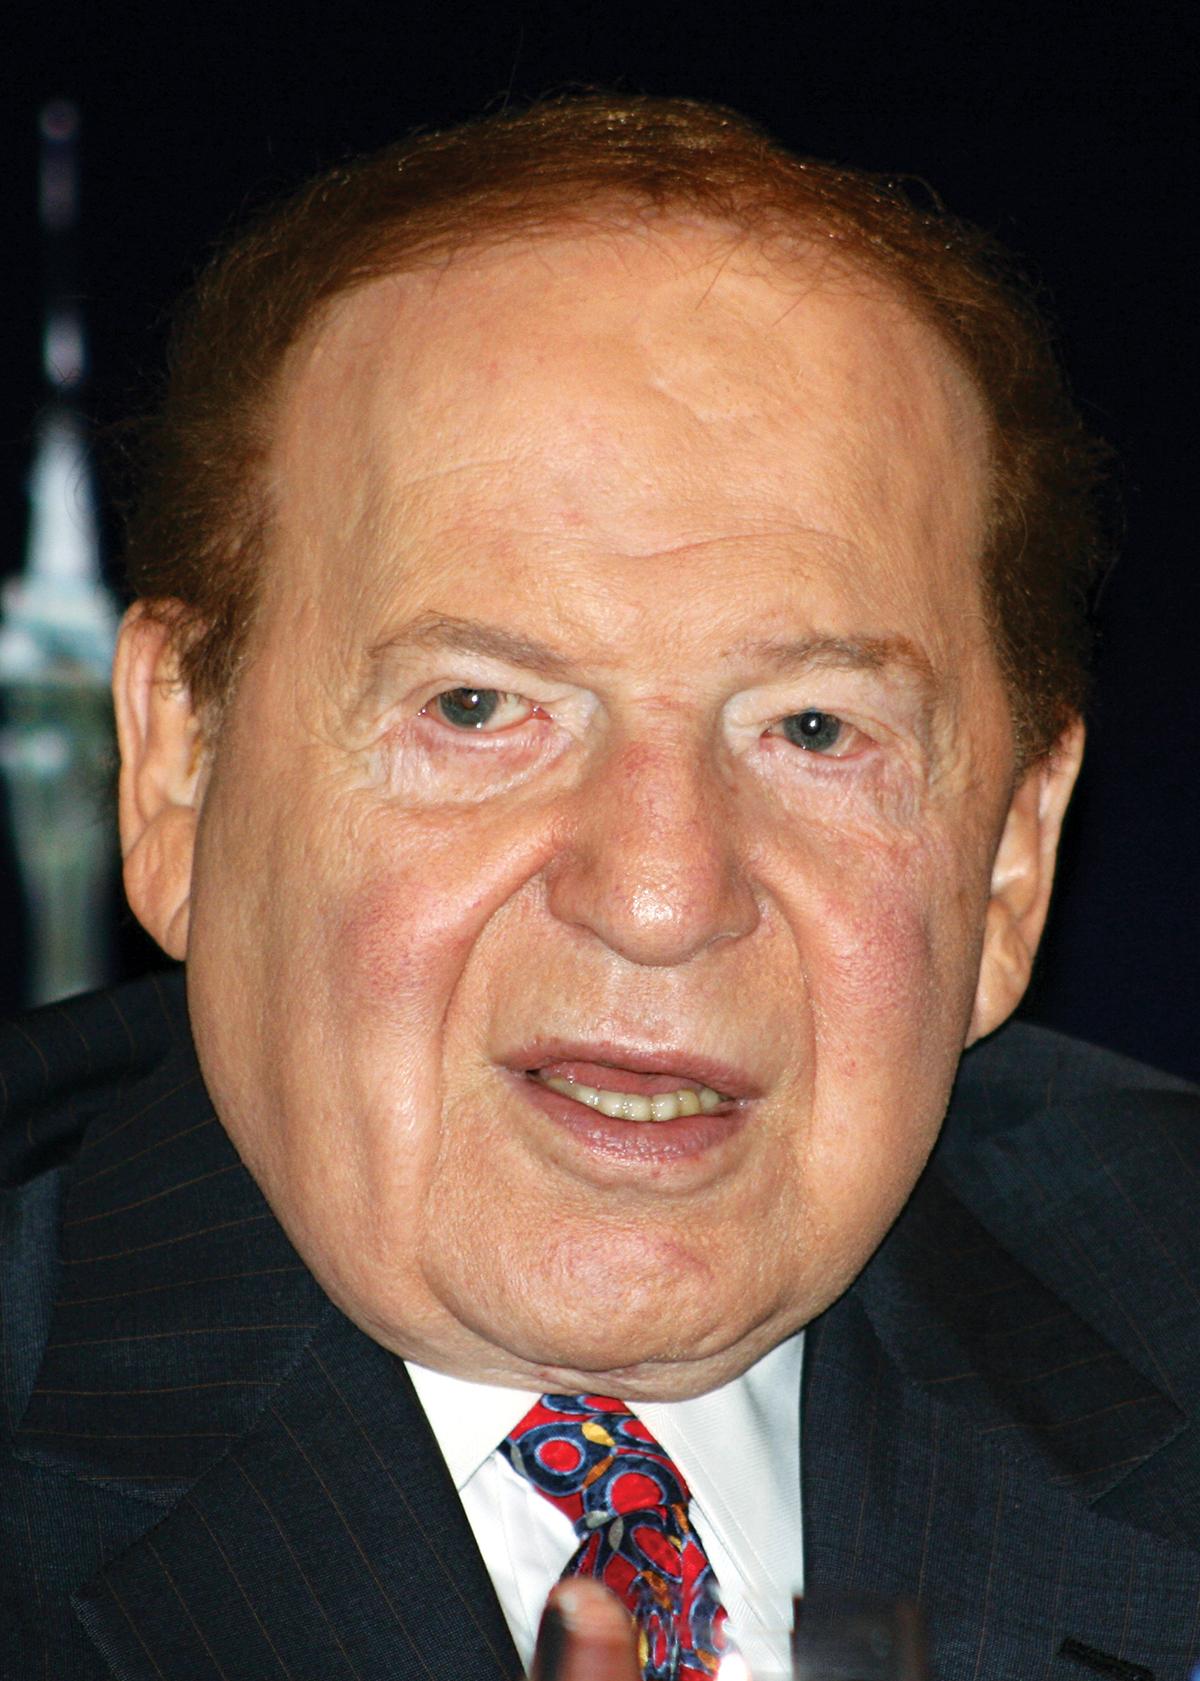 sheldon adelson boston billionaires